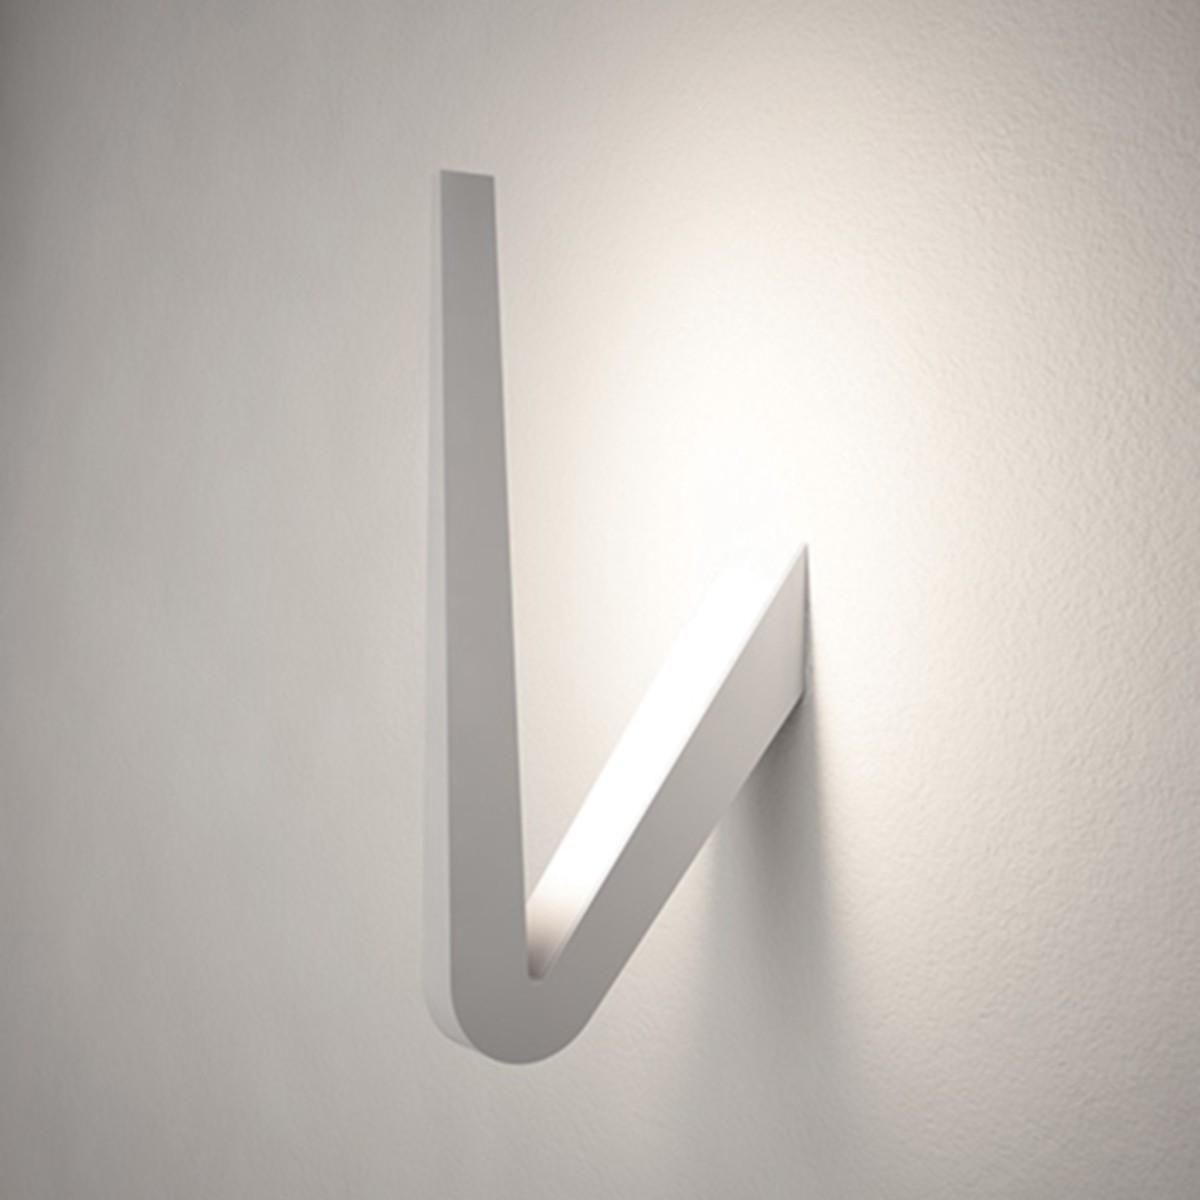 Rotaliana Tick W0 LED Wand- / Deckenleuchte, weiß matt